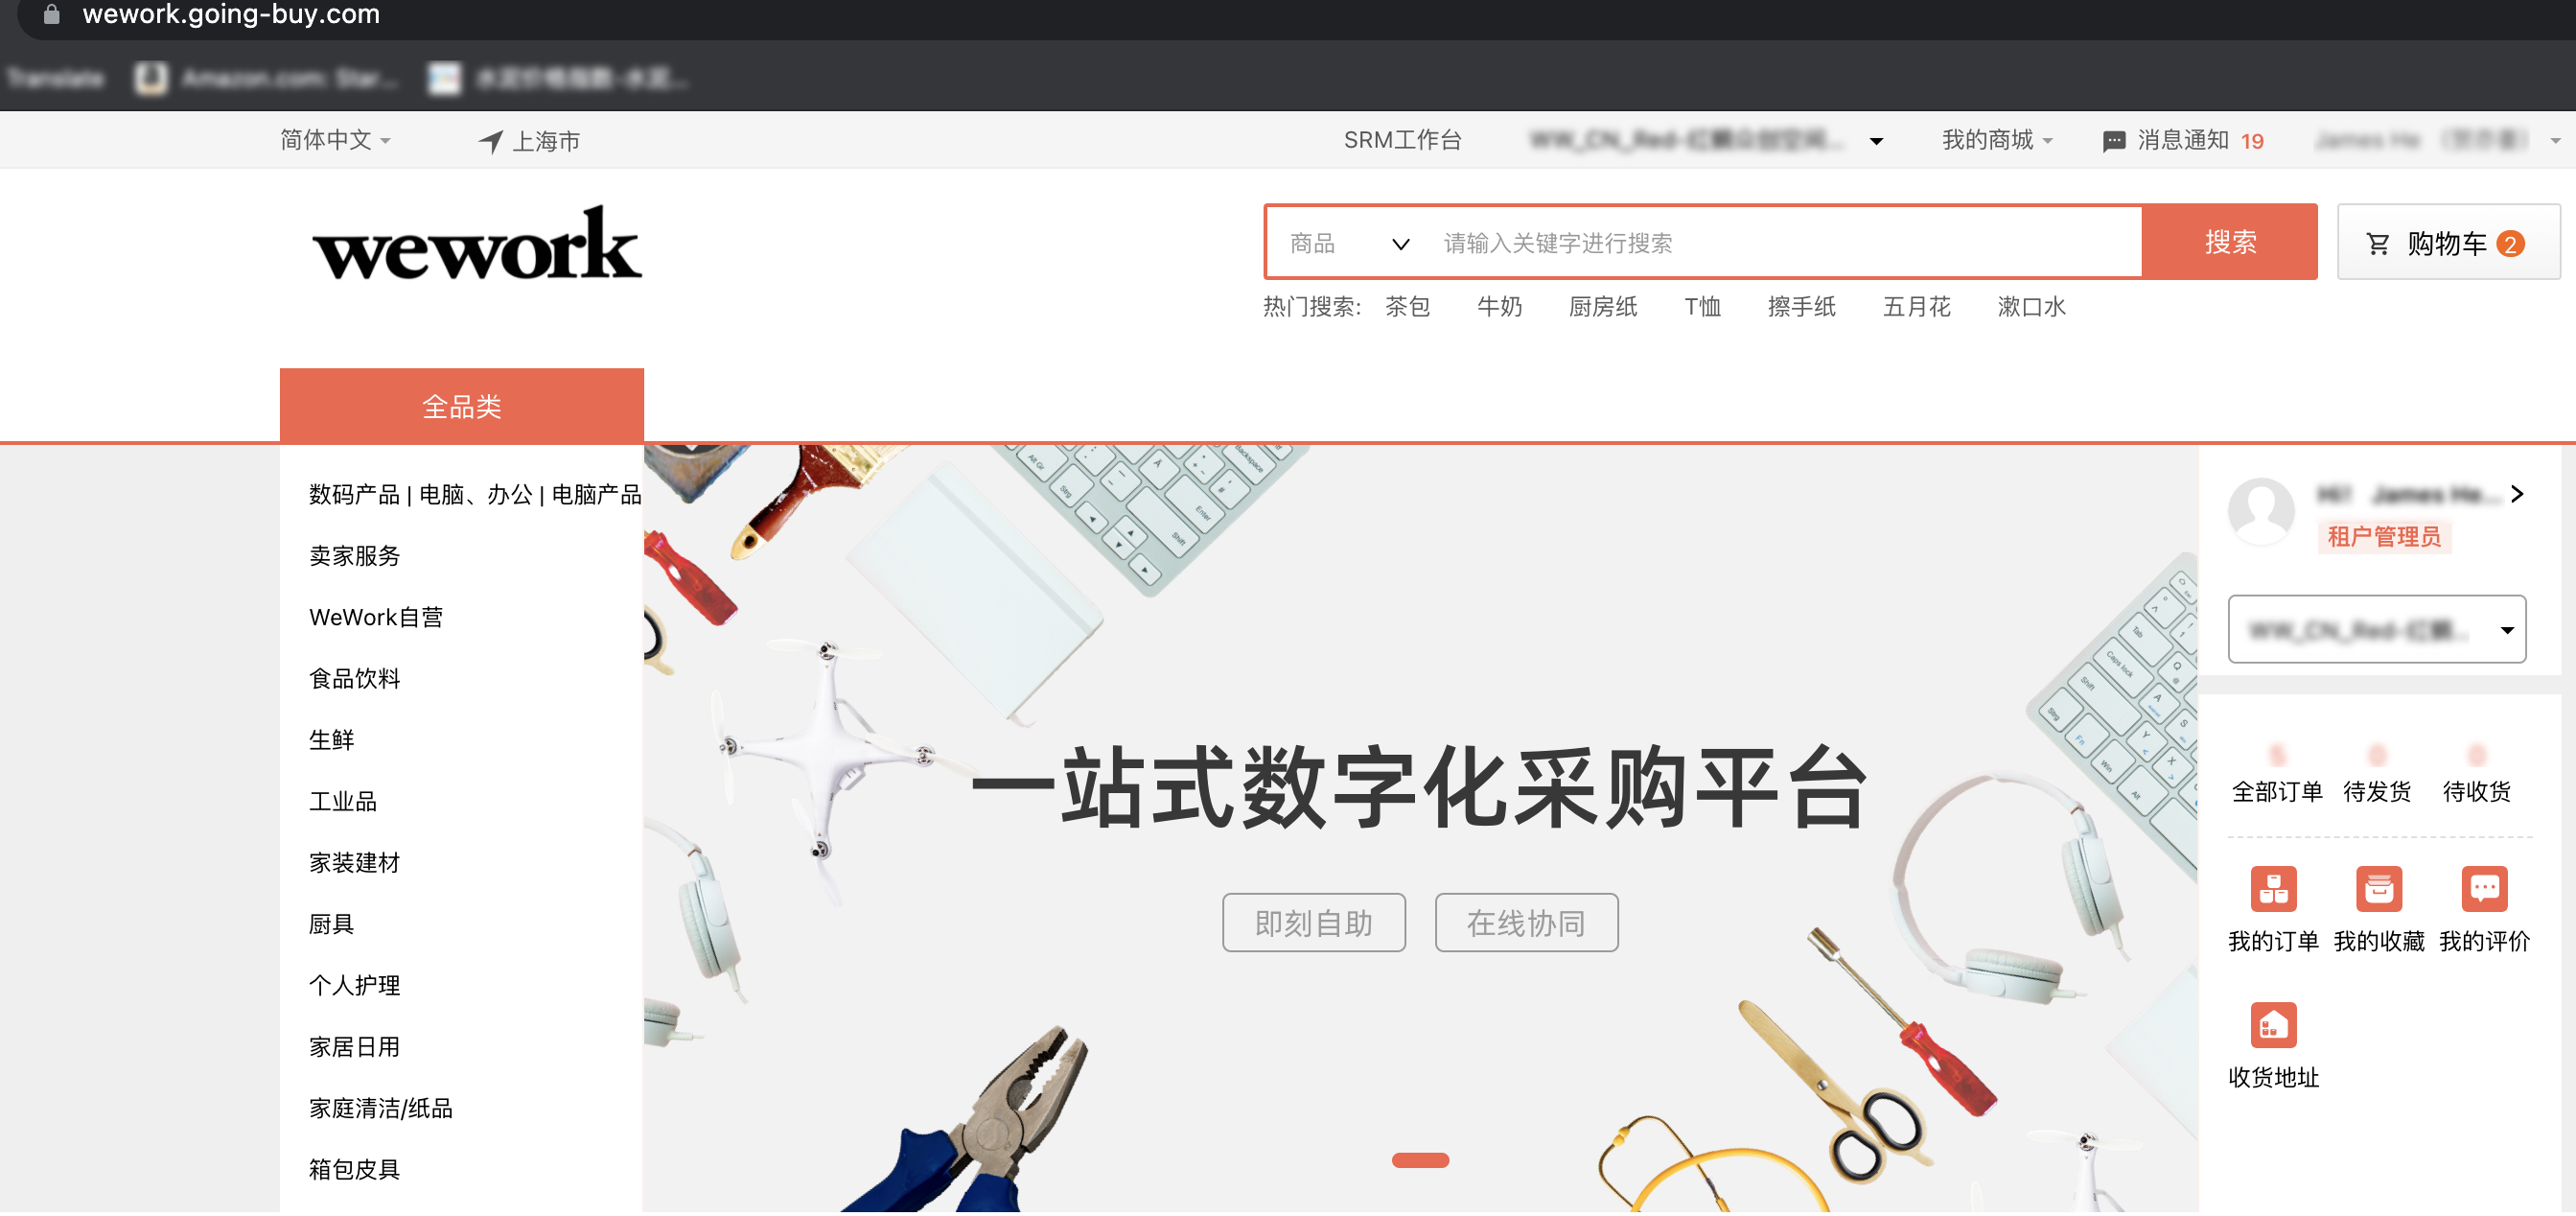 WeWork企业商城成功上线,甄云&京东助力打造办公空间服务平台领域企业标杆